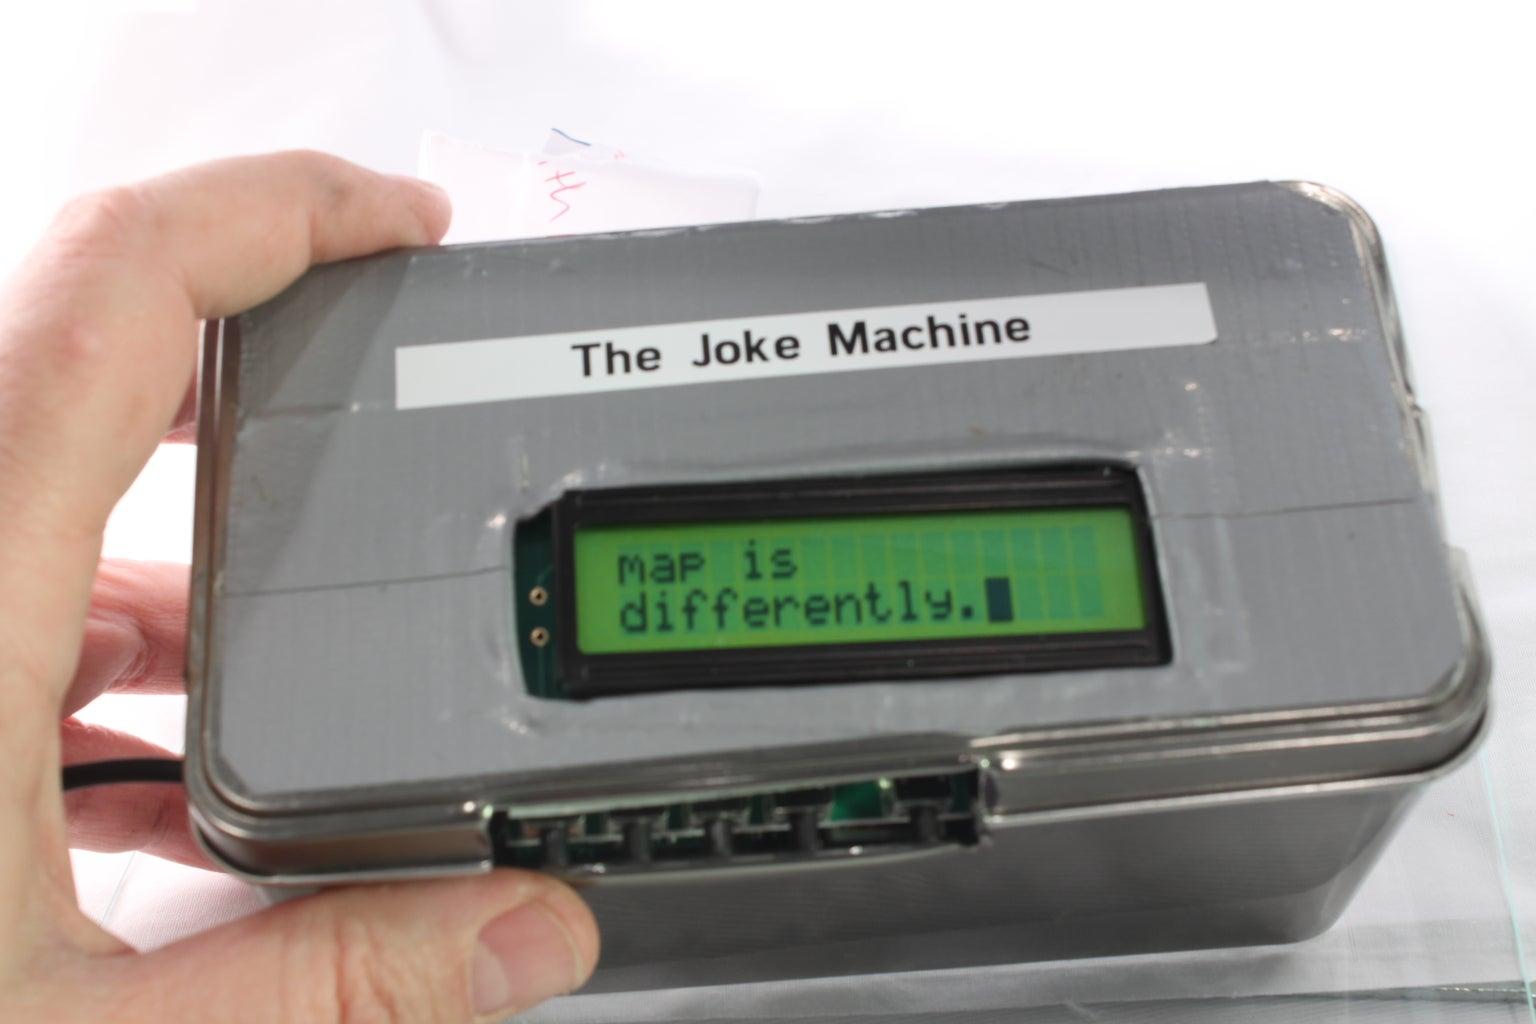 Customizing the Quote Machine